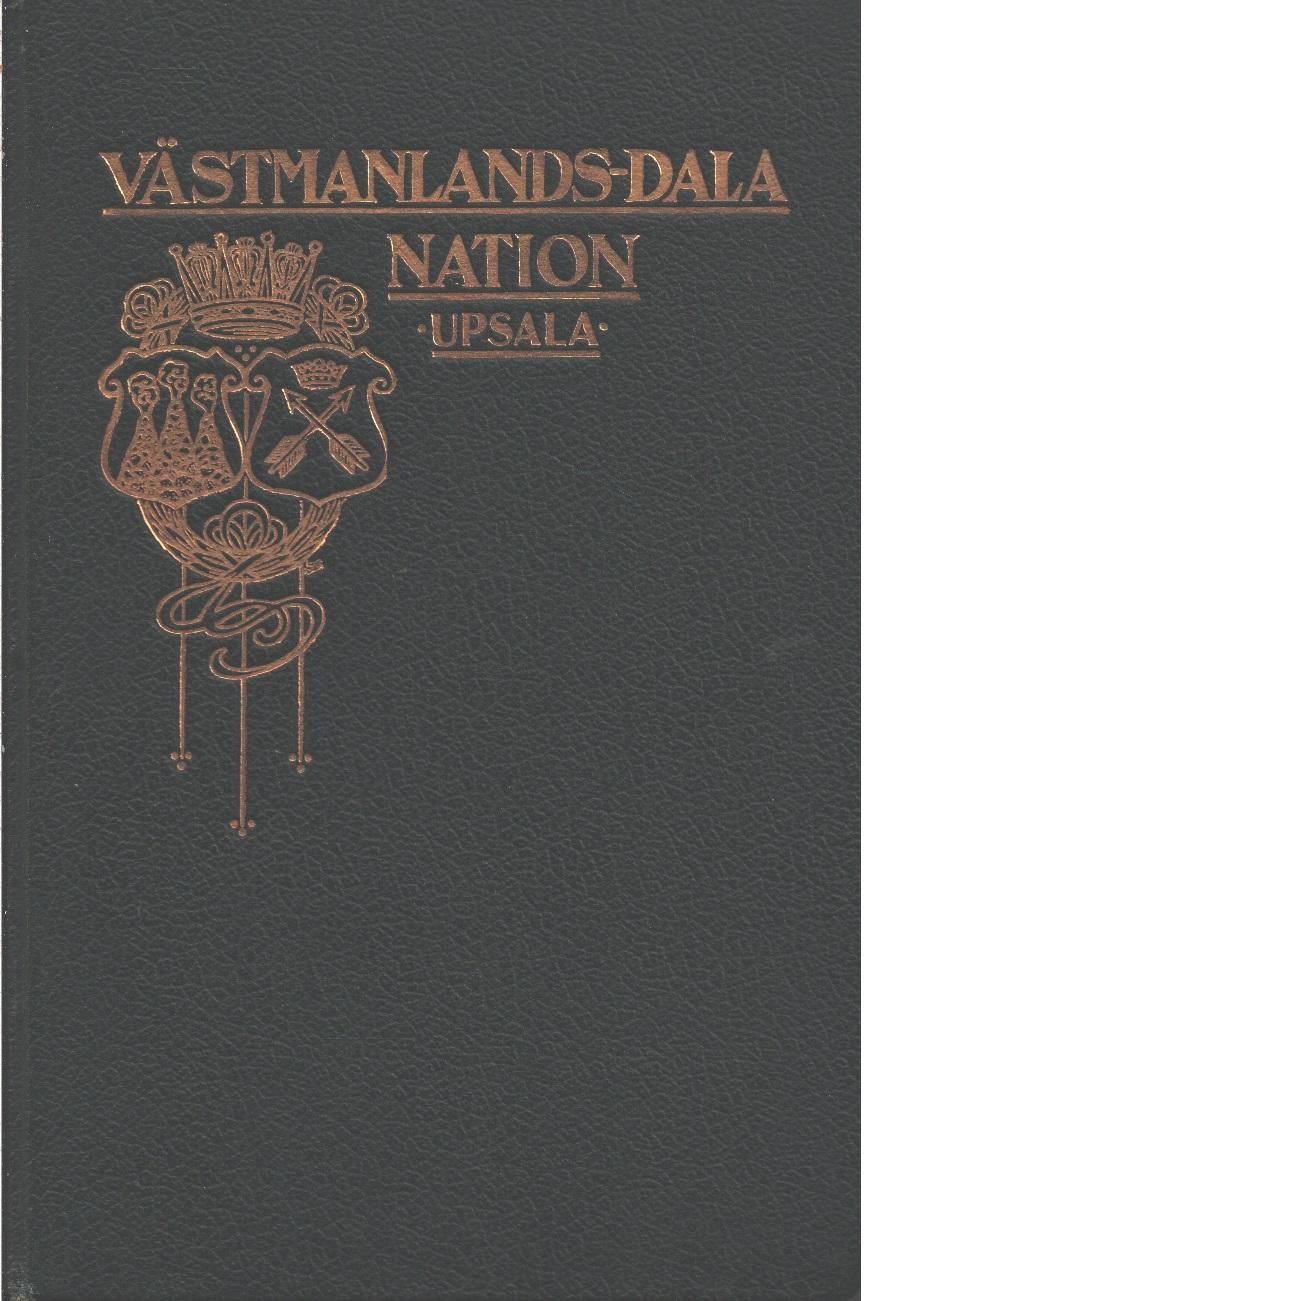 Västmanlands-Dala nation i Upsala : porträttkatalog : vårterminen 1901-höstterminen 1905 - Red.